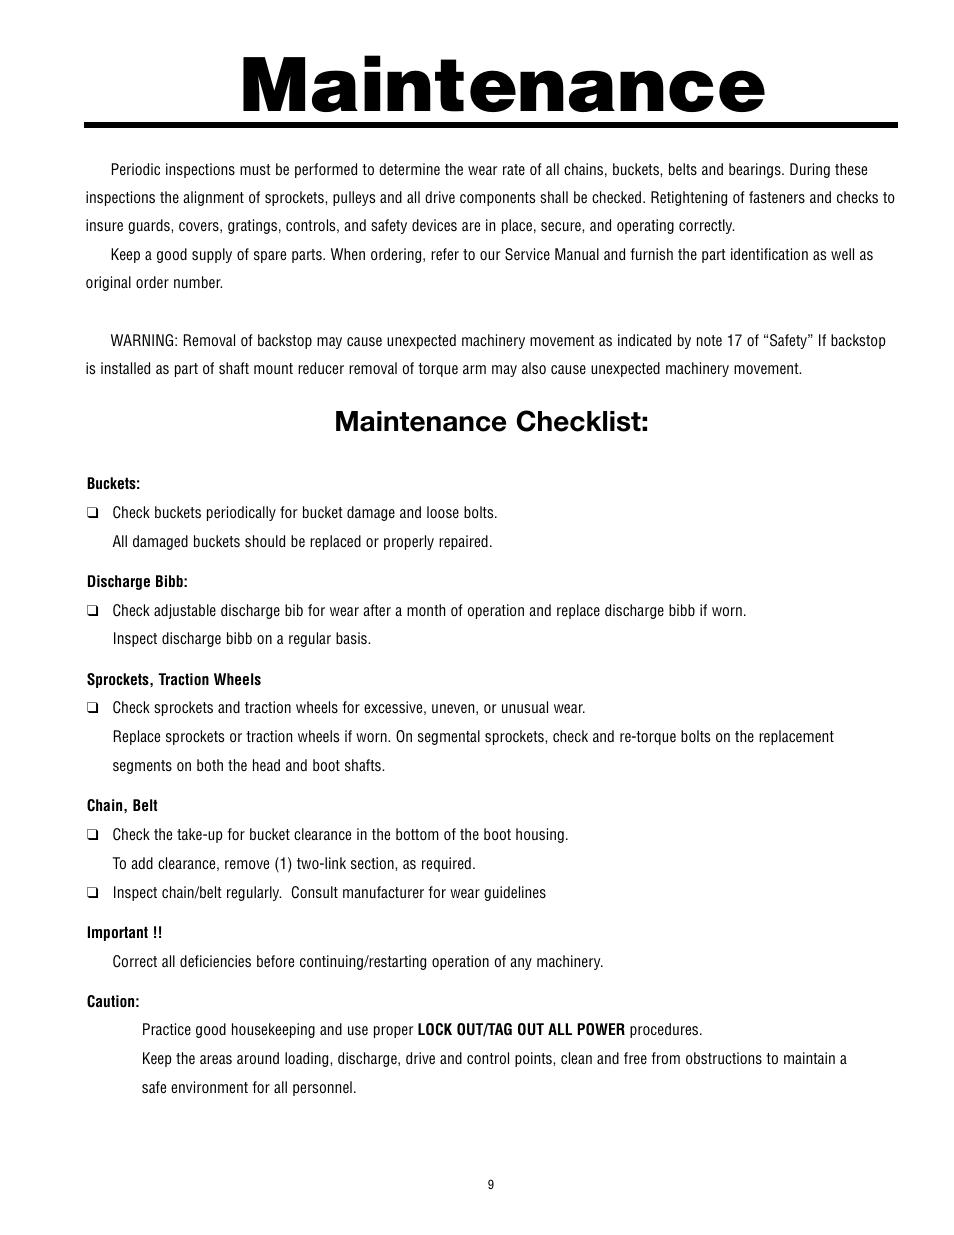 maintenance maintenance checklist martin sprocket gear bucket rh manualsdir com elevator maintenance manual zack mccain book elevator maintenance manual zack mccain